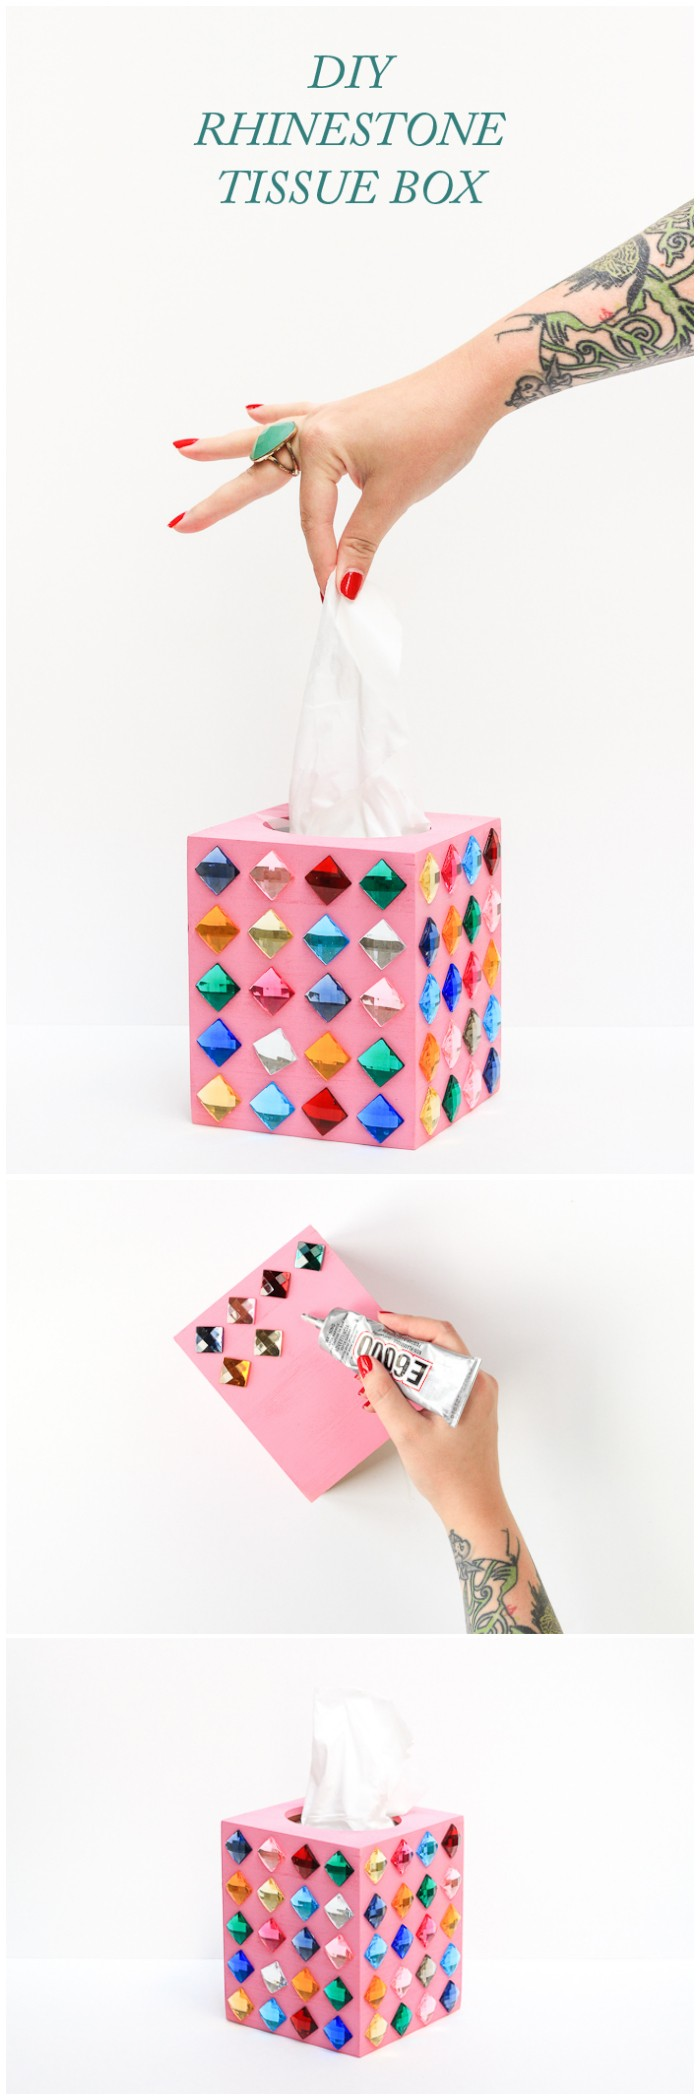 DIY Rhinestone Tissue Box